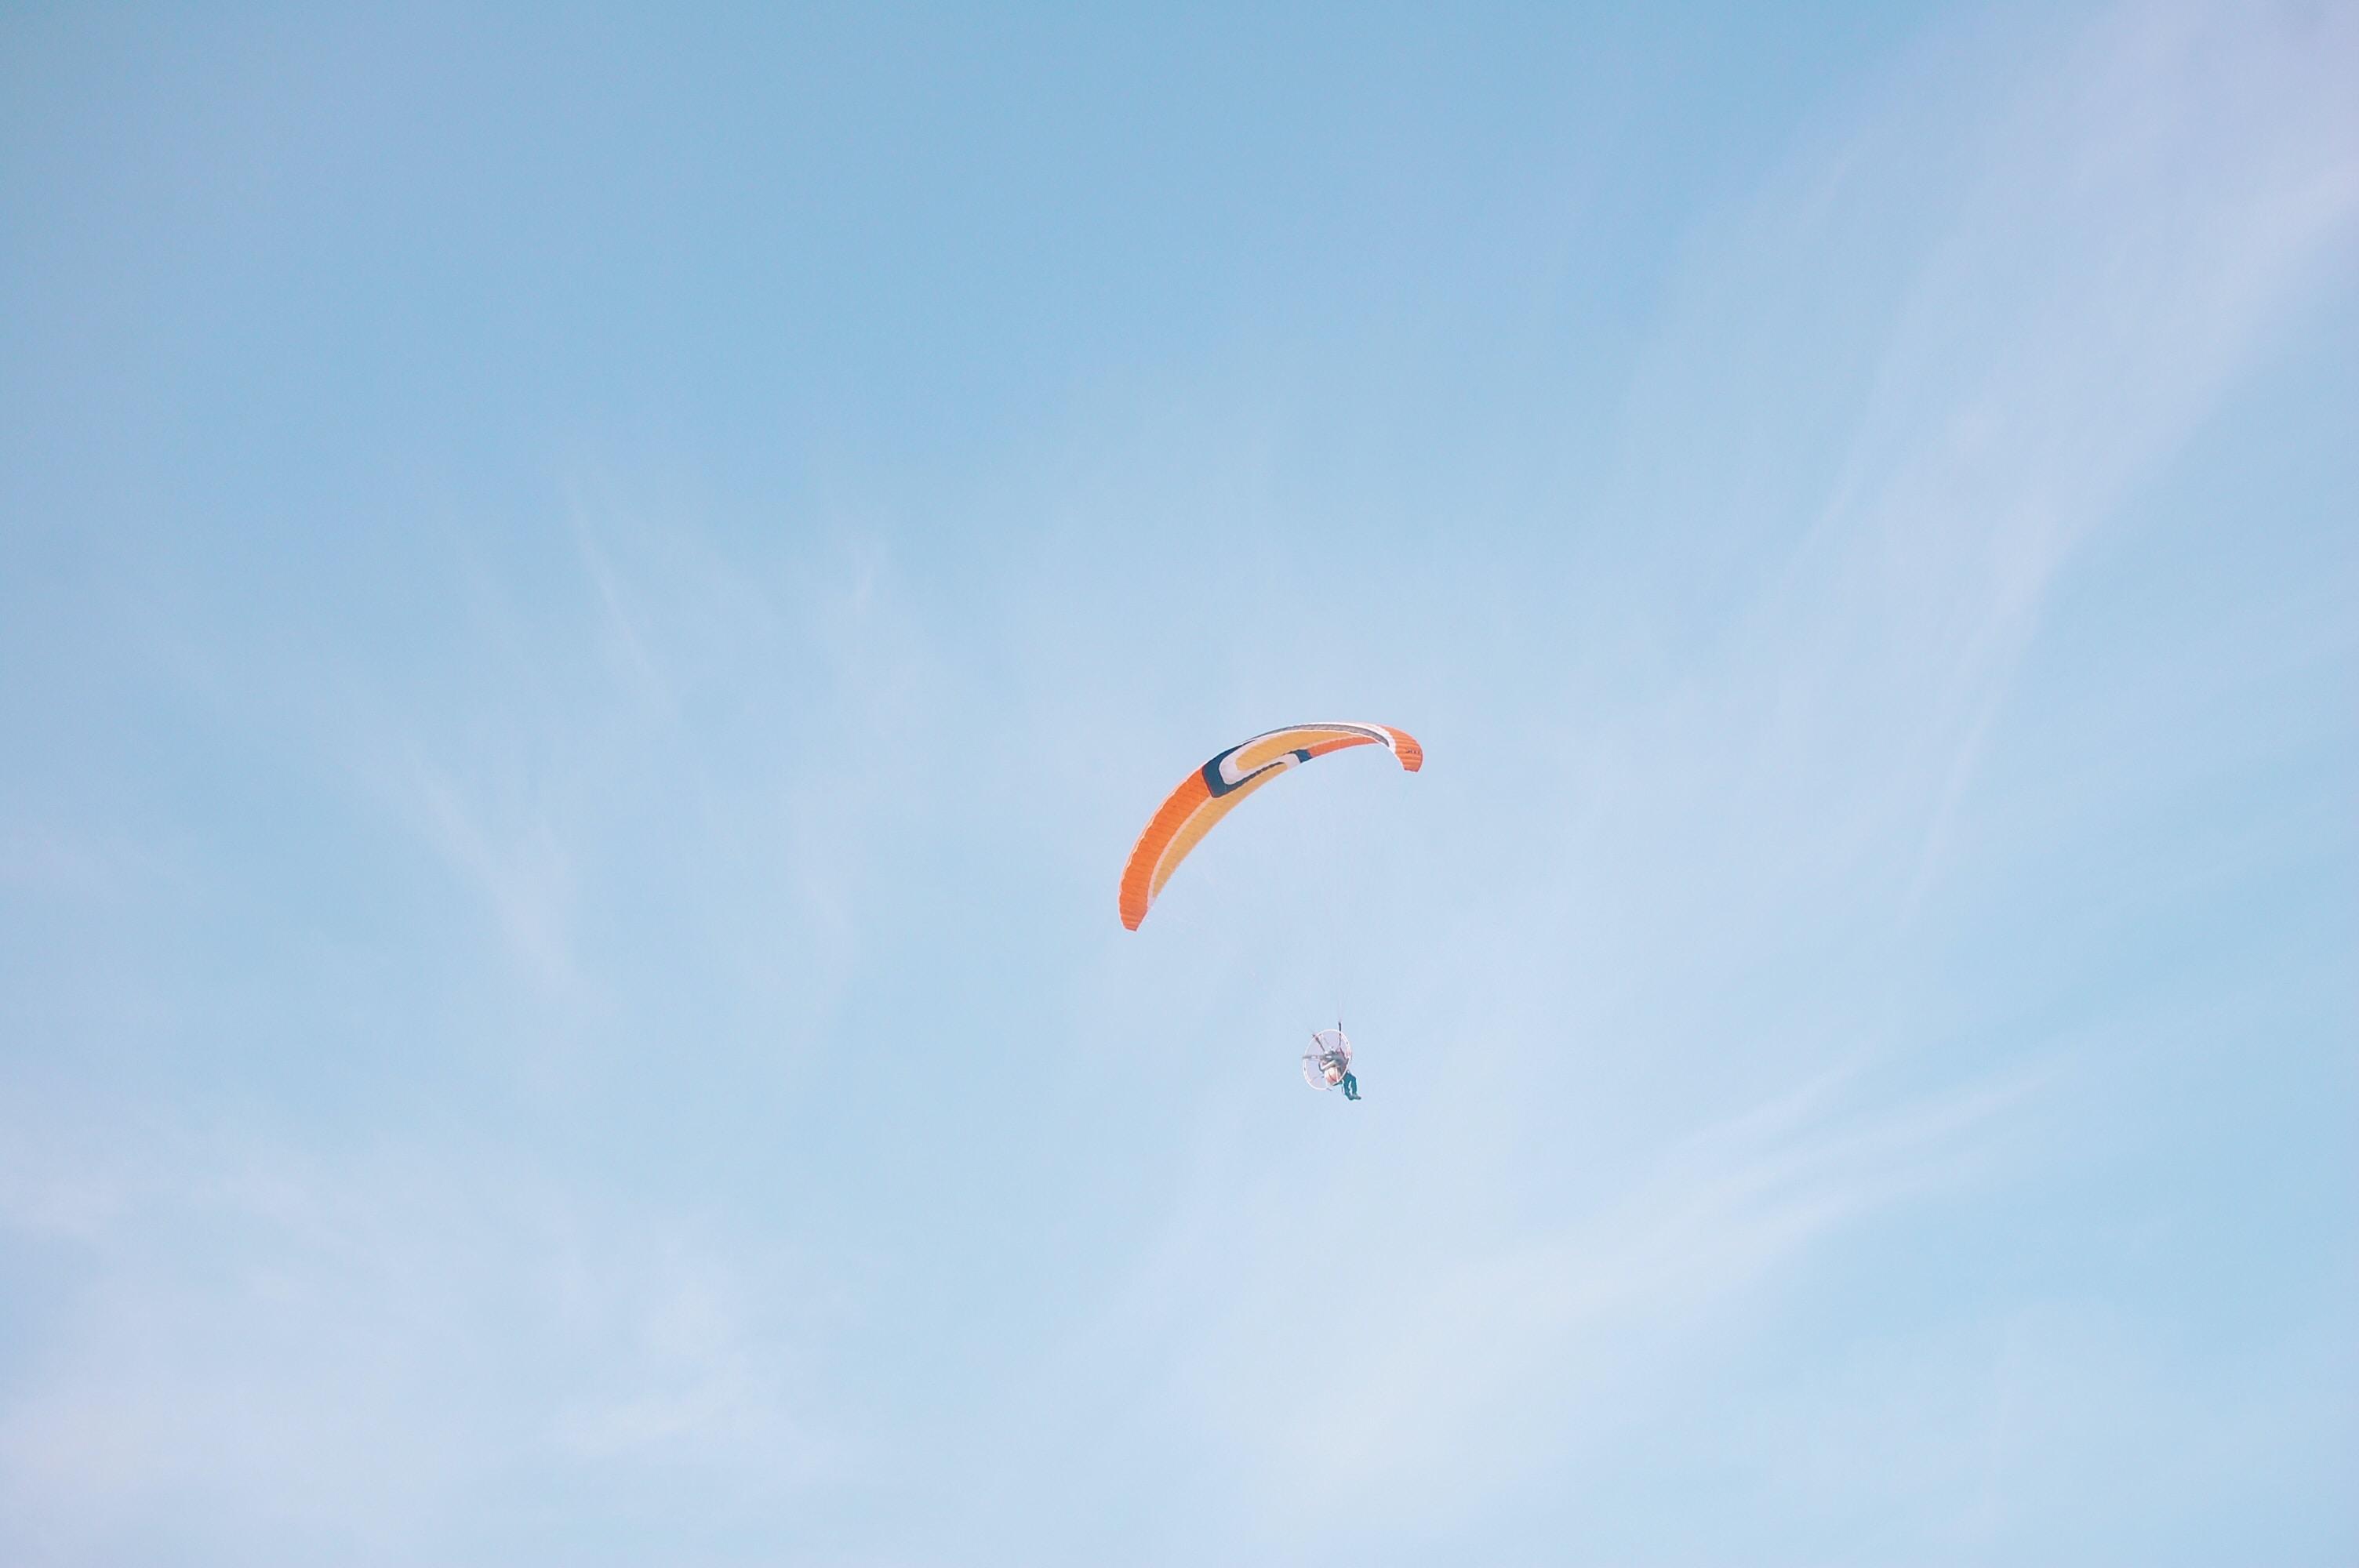 person parachuting during daytime